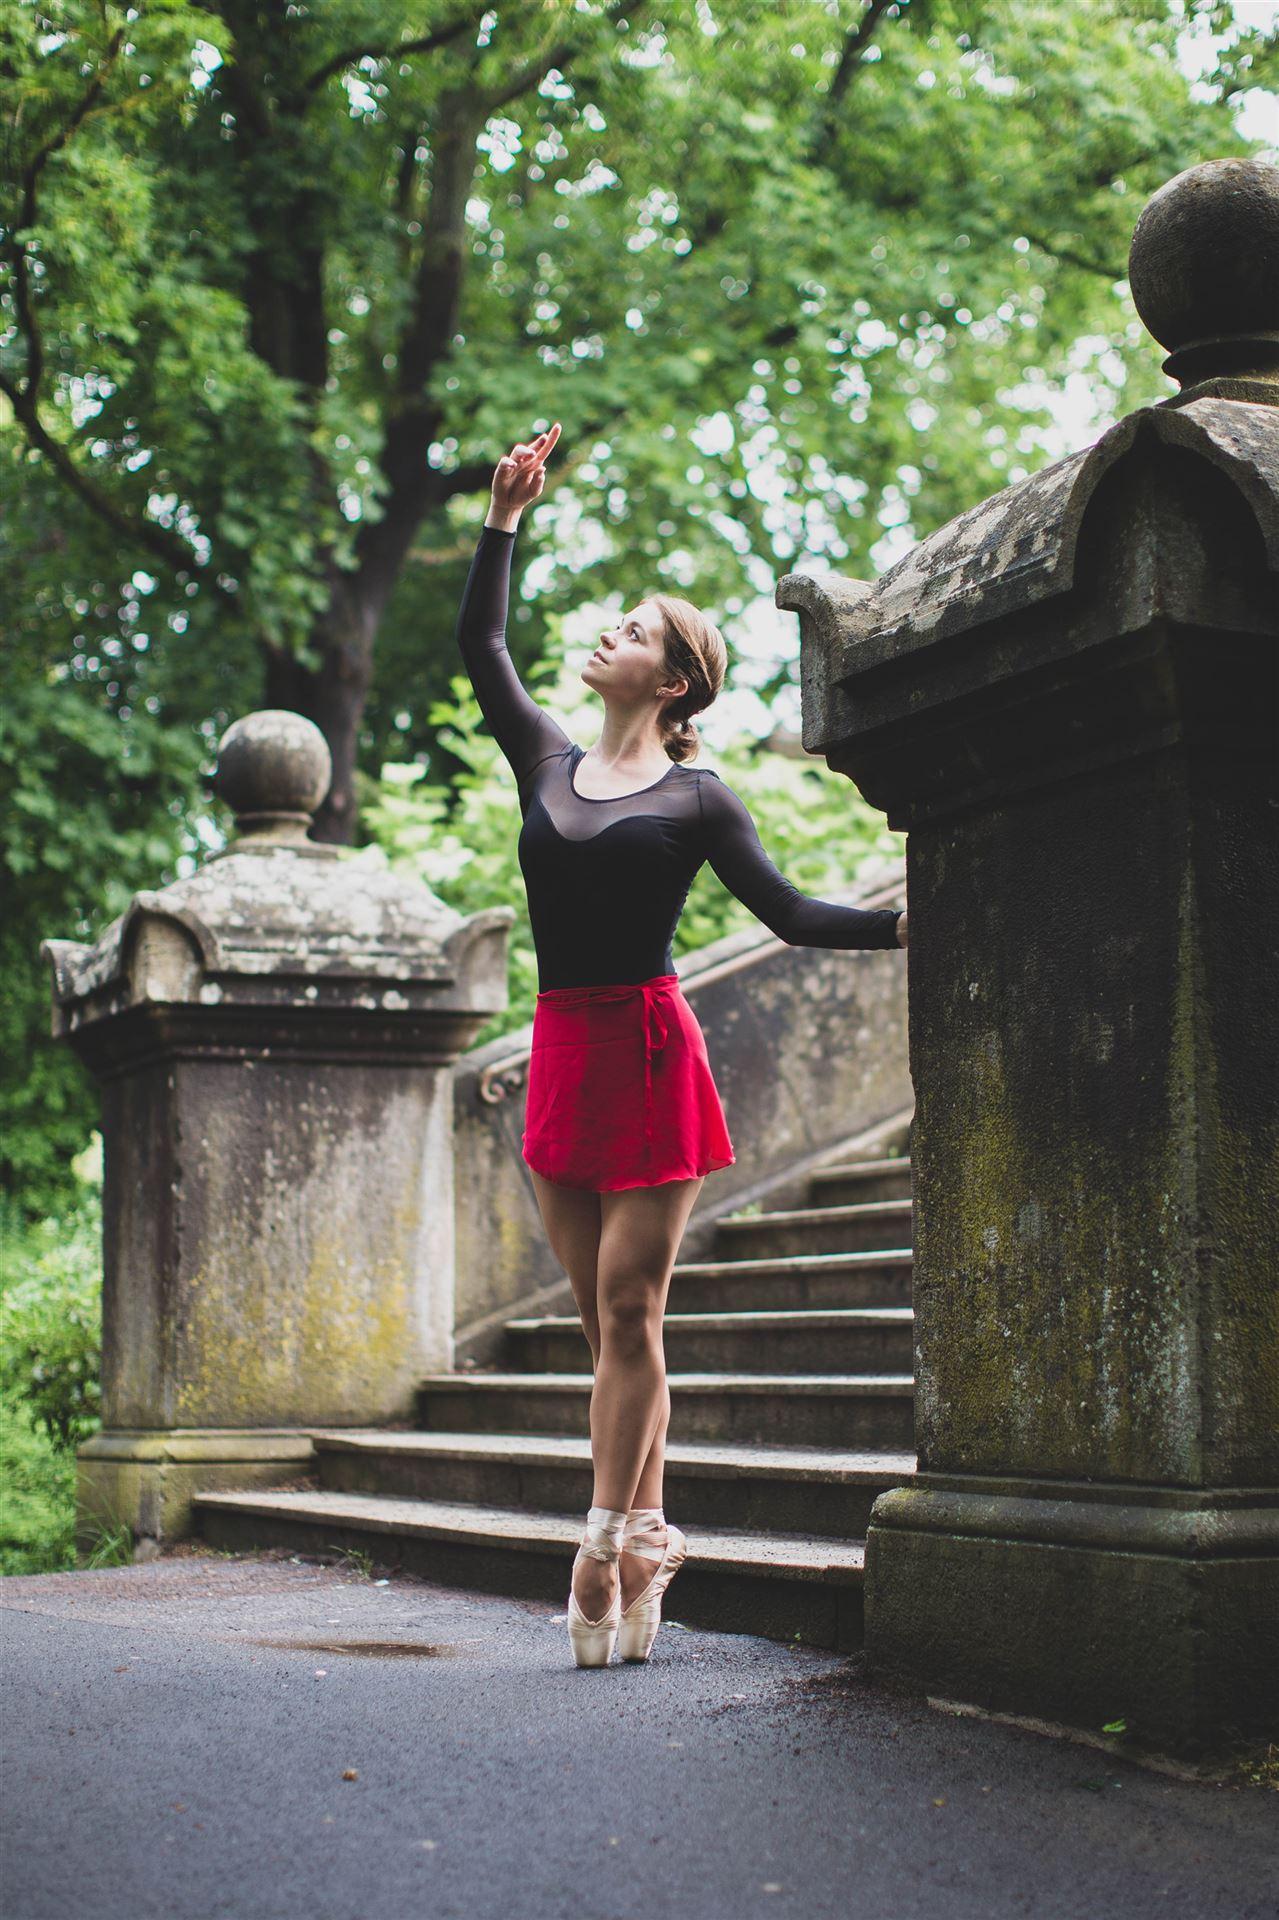 Tanzkurse für singles würzburg